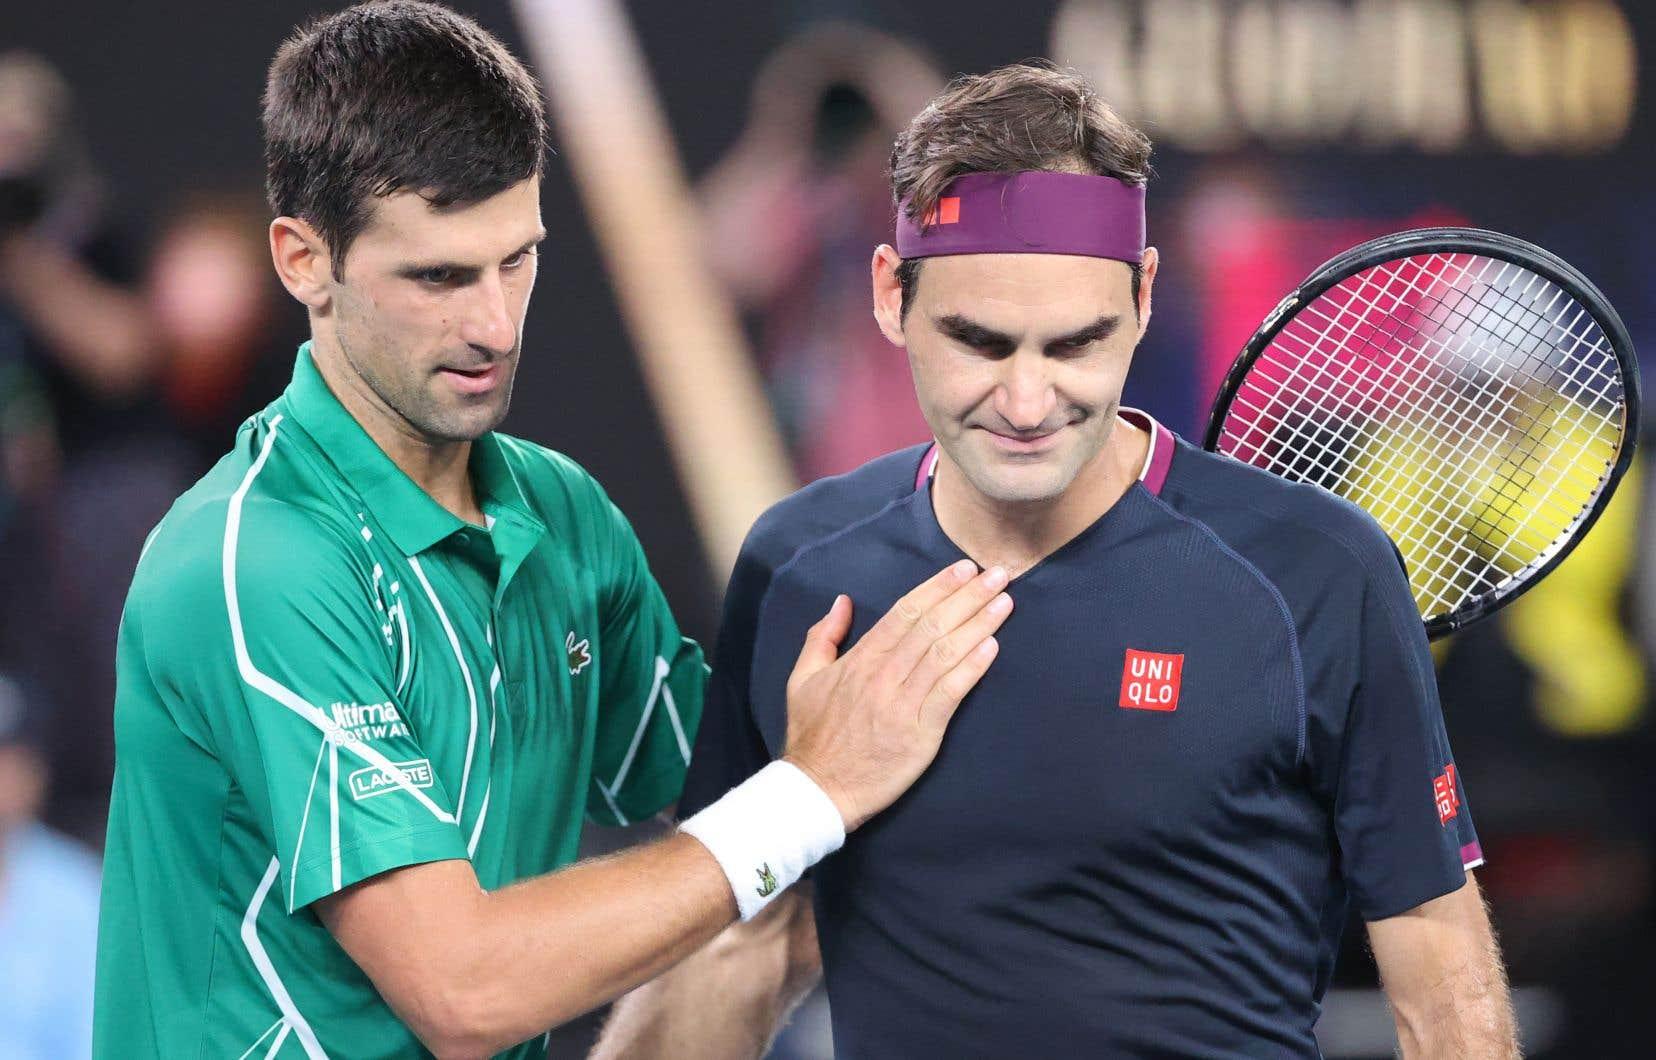 Le Serbe Novak Djokovic (gauche) et le Suisse Roger Federer après leur match de demi-finale, à Melbourne le 30 janvier 2020